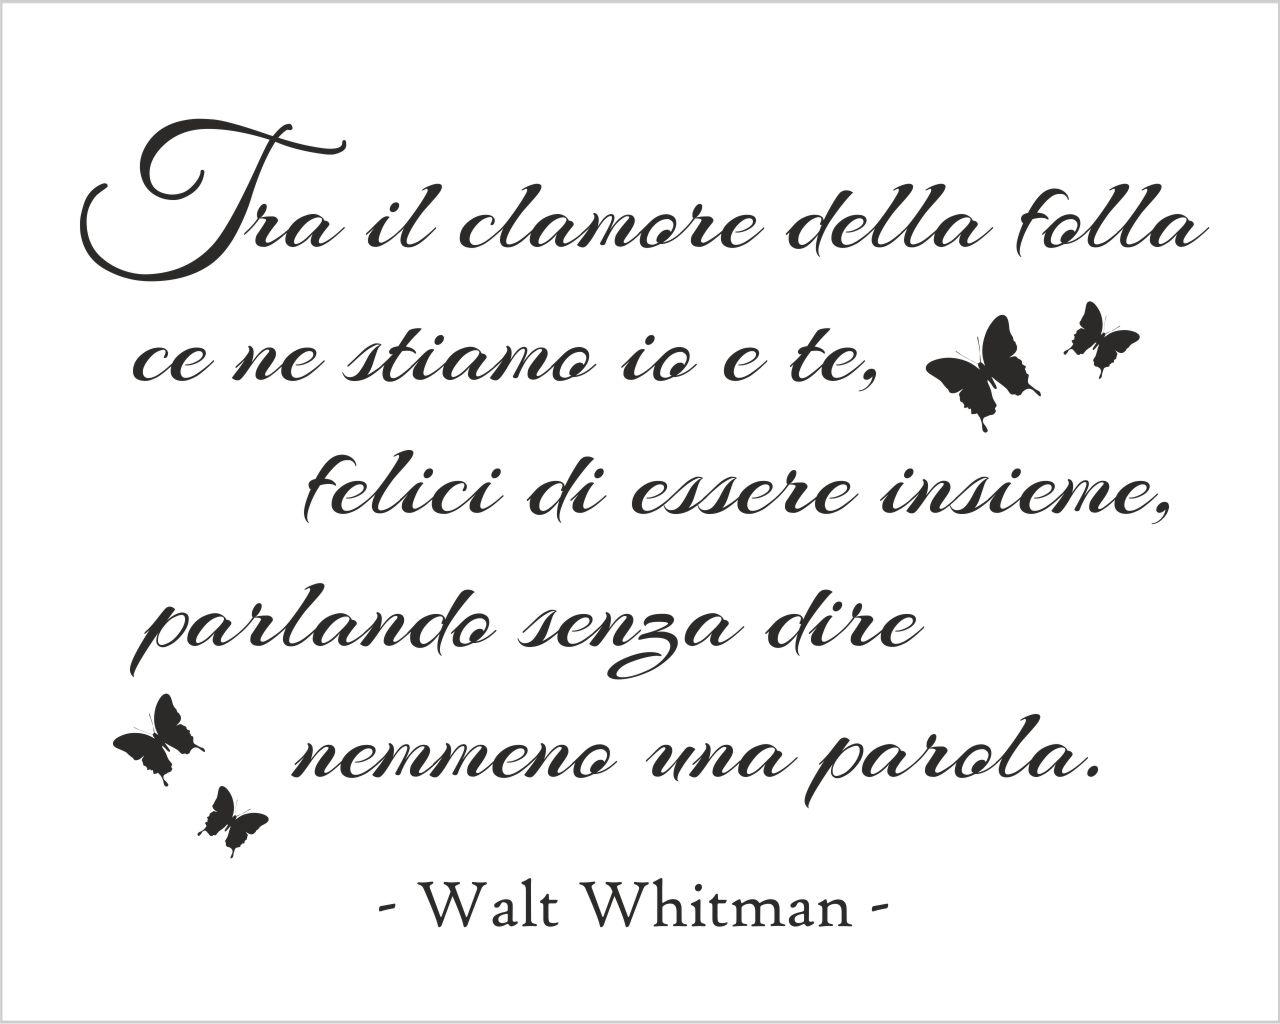 Molto Walt Withman, biografia, poesie e citazioni SP21